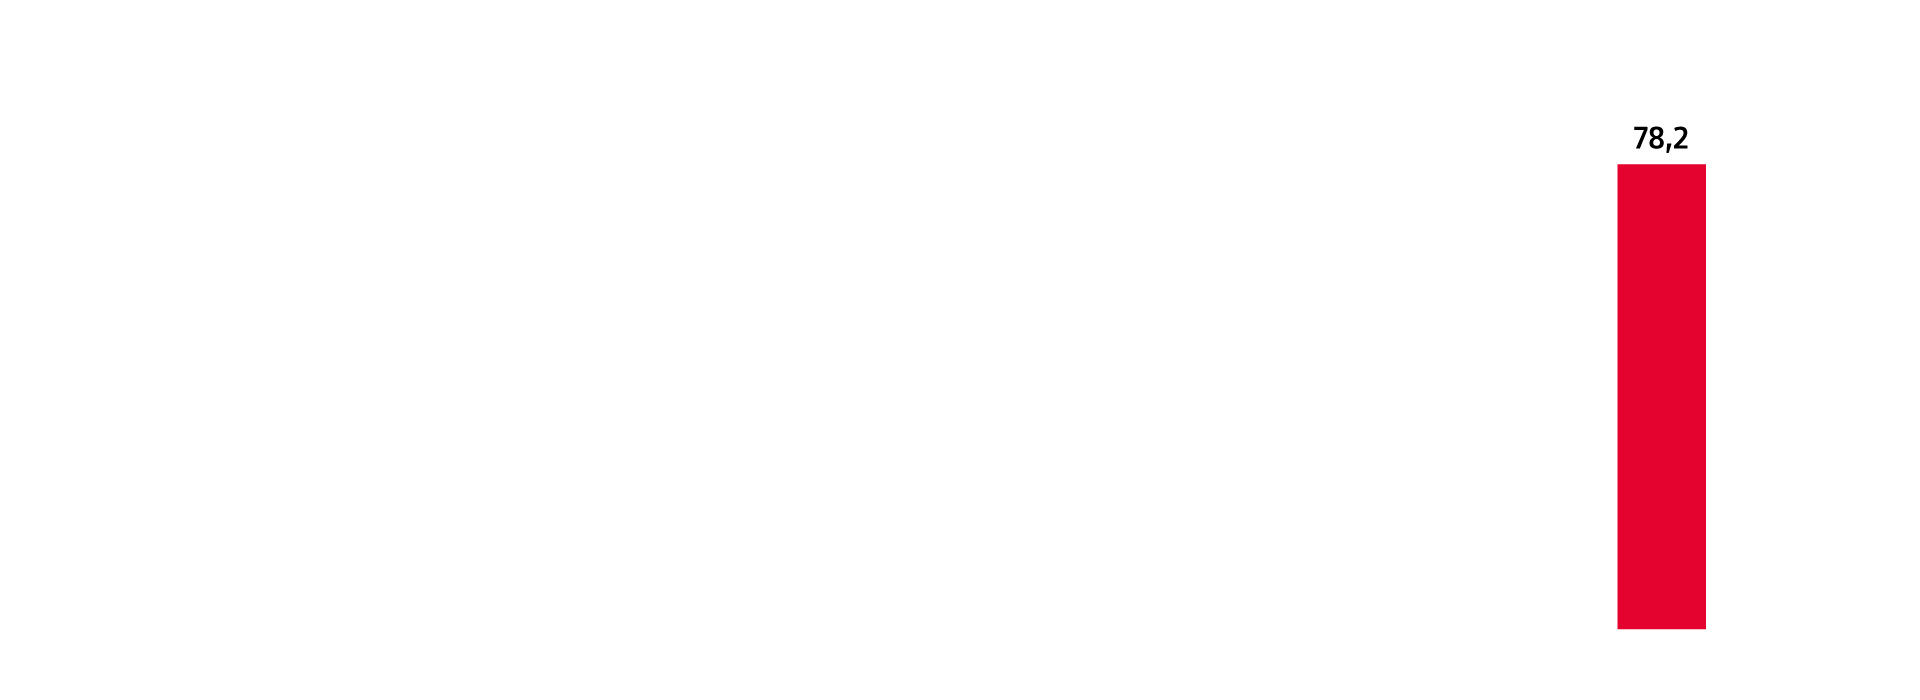 rsgp-slider-v4-12.png